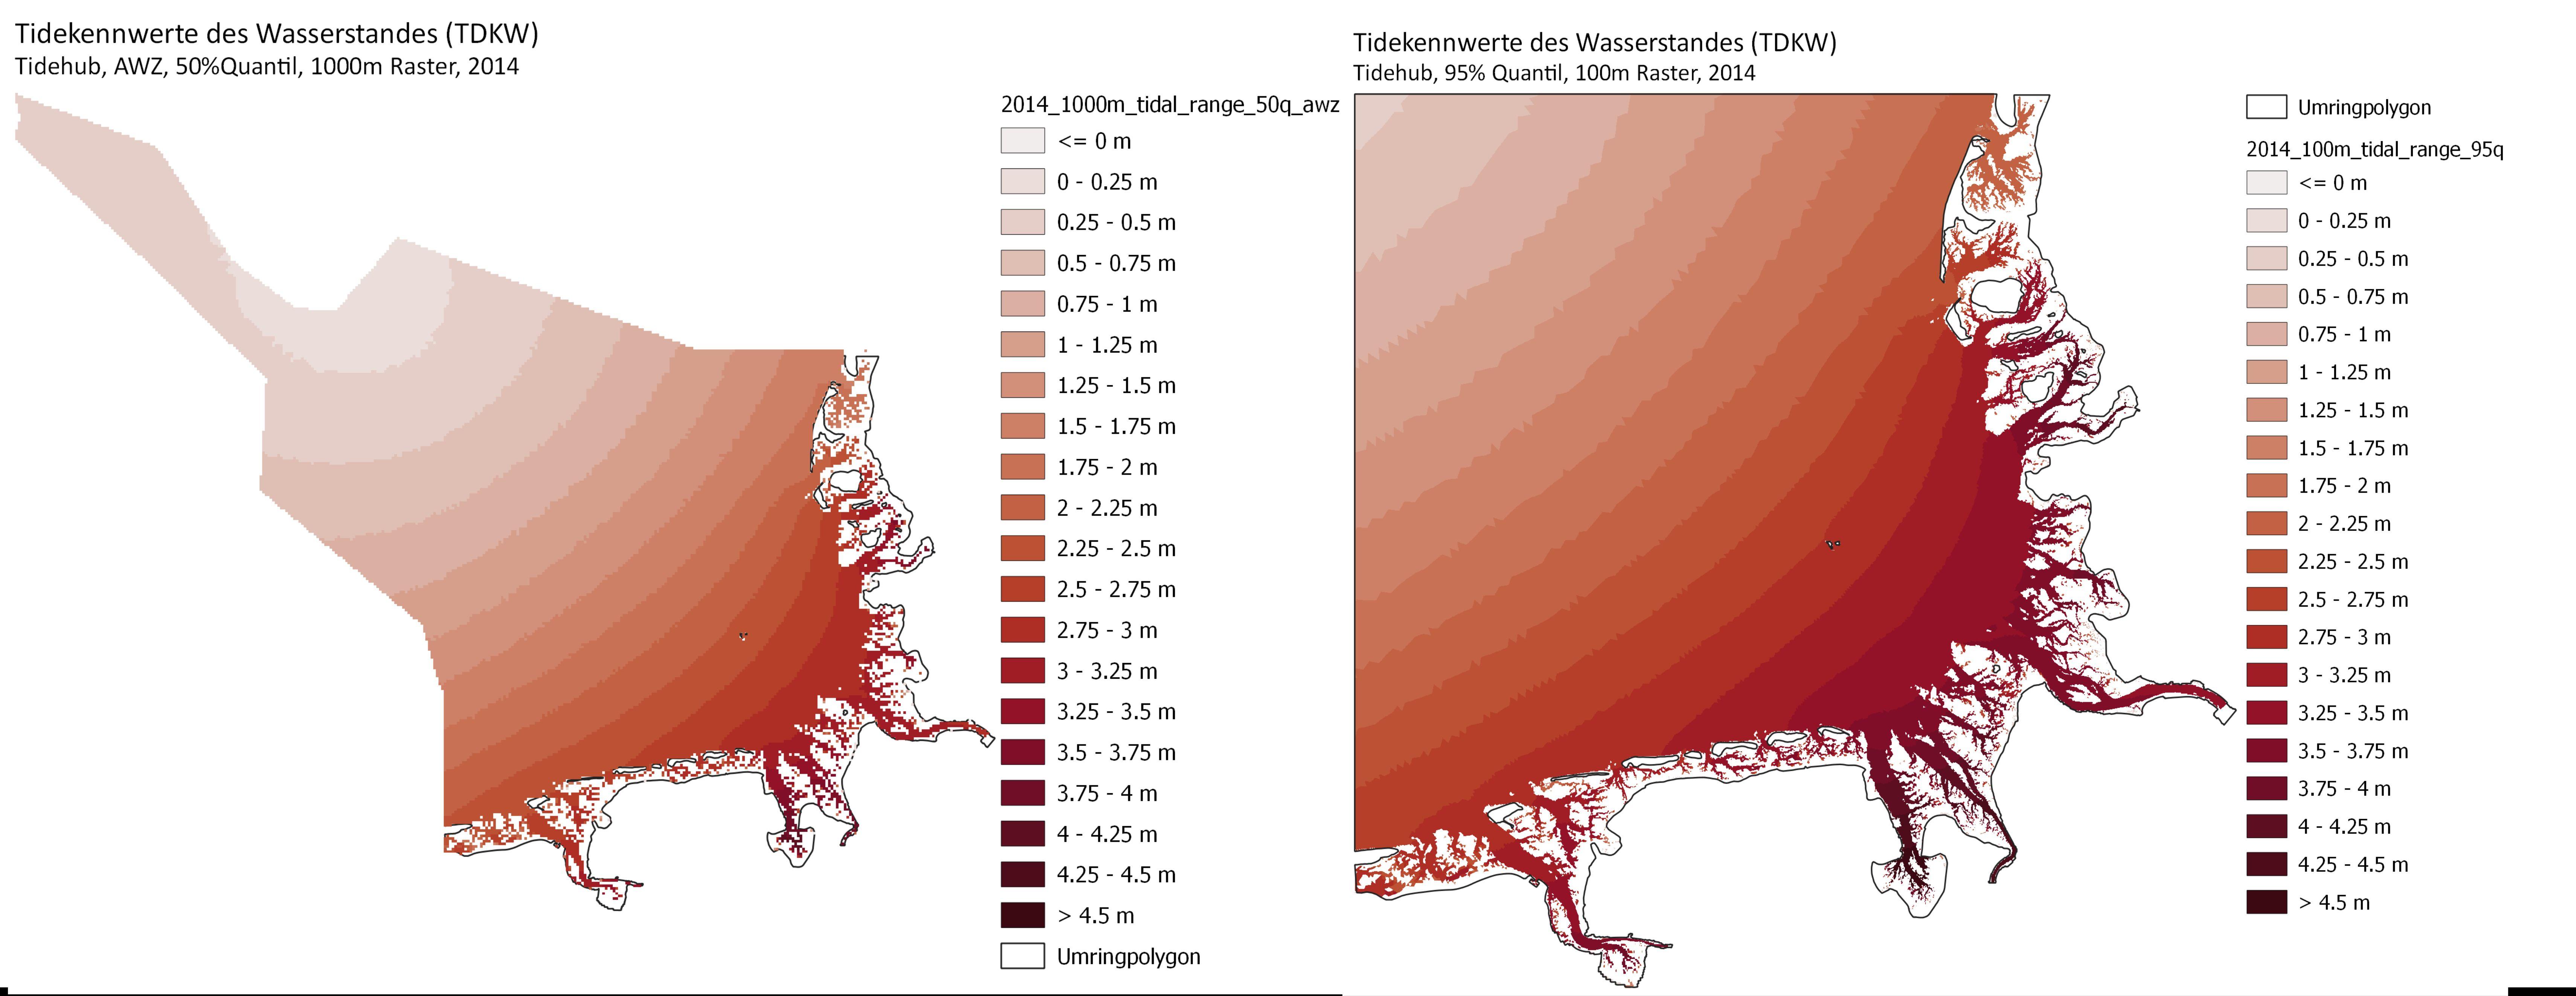 Tidehub für die Ausschließliche Wirtschaftszone (Quantil 50%) und die Deutsche Bucht (Quantil 95%), Jahr 2014